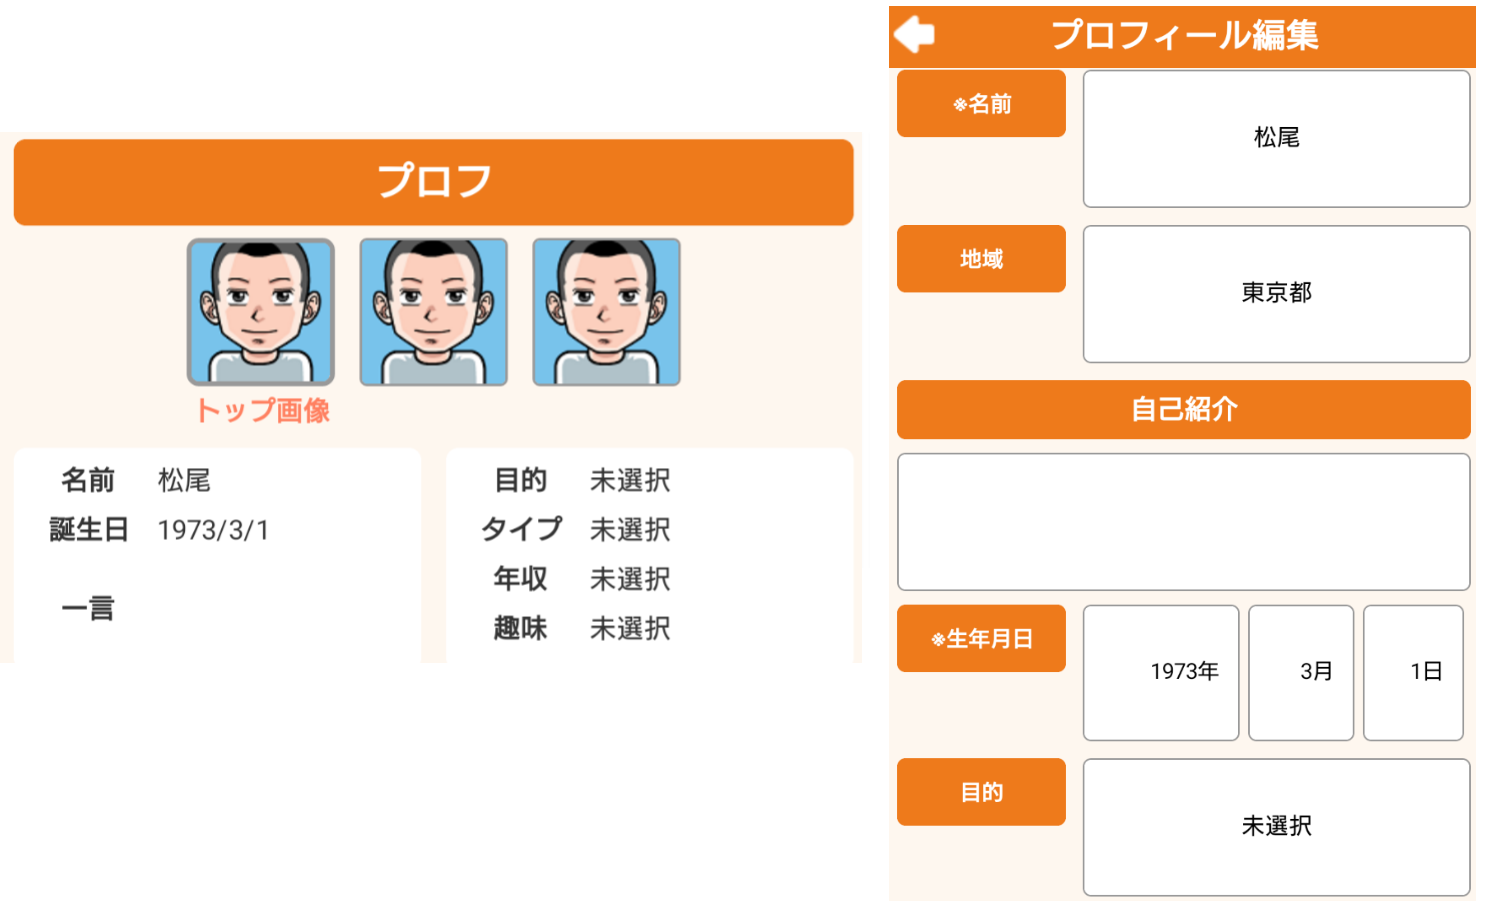 サクラ悪質出会い系アプリ「HOT-絆-」会員登録